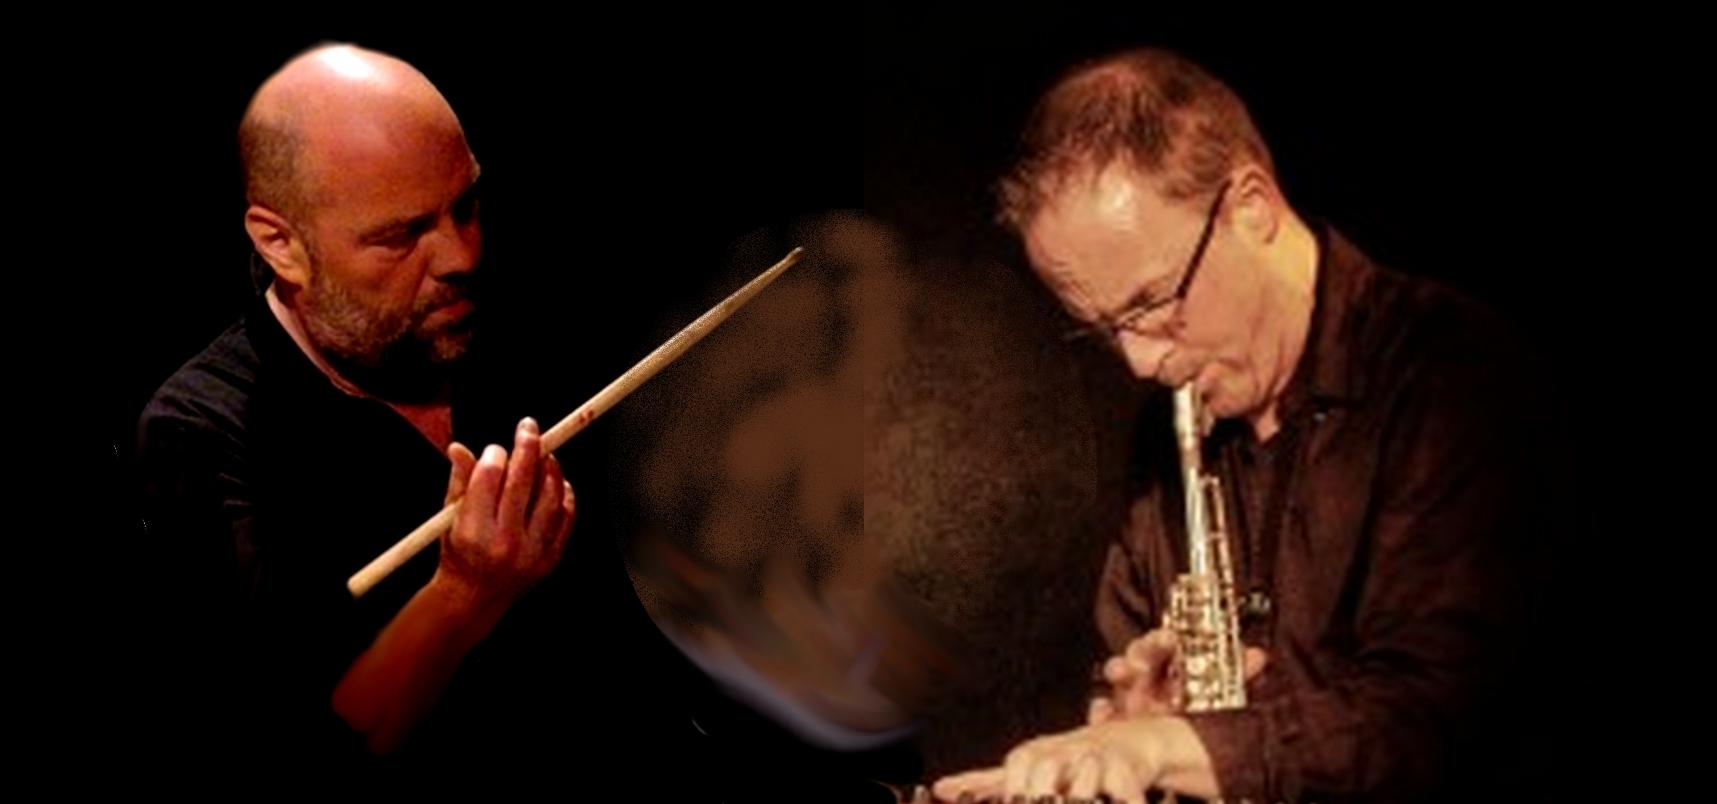 Samedi Jazz au Café Citoyen, Lille:  Laisné-Mullié Duo